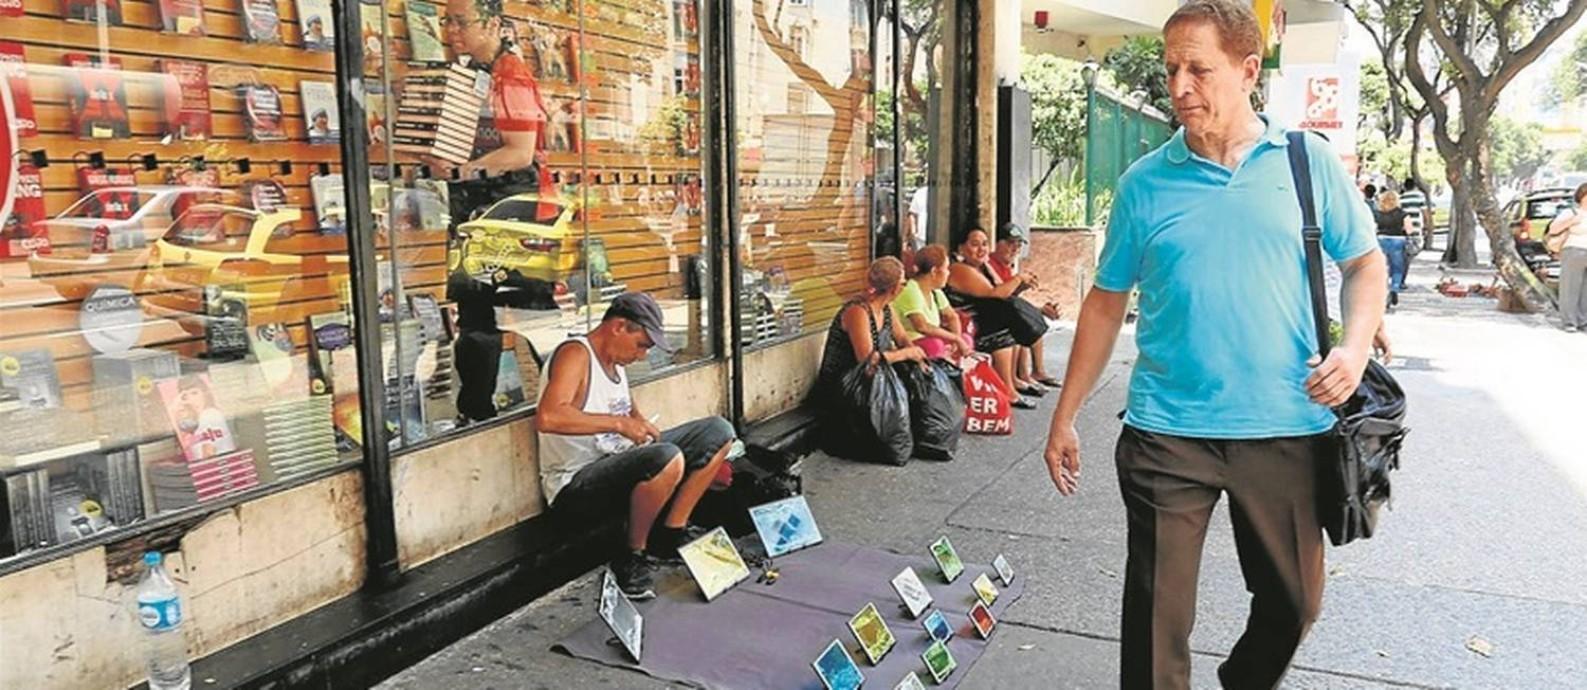 Paulo César Amêndola, caminha em Copacabana, ao lado de camelôs: ele quer pôr fim à desordem urbana Foto: Custódio Coimbra / Agência O Globo